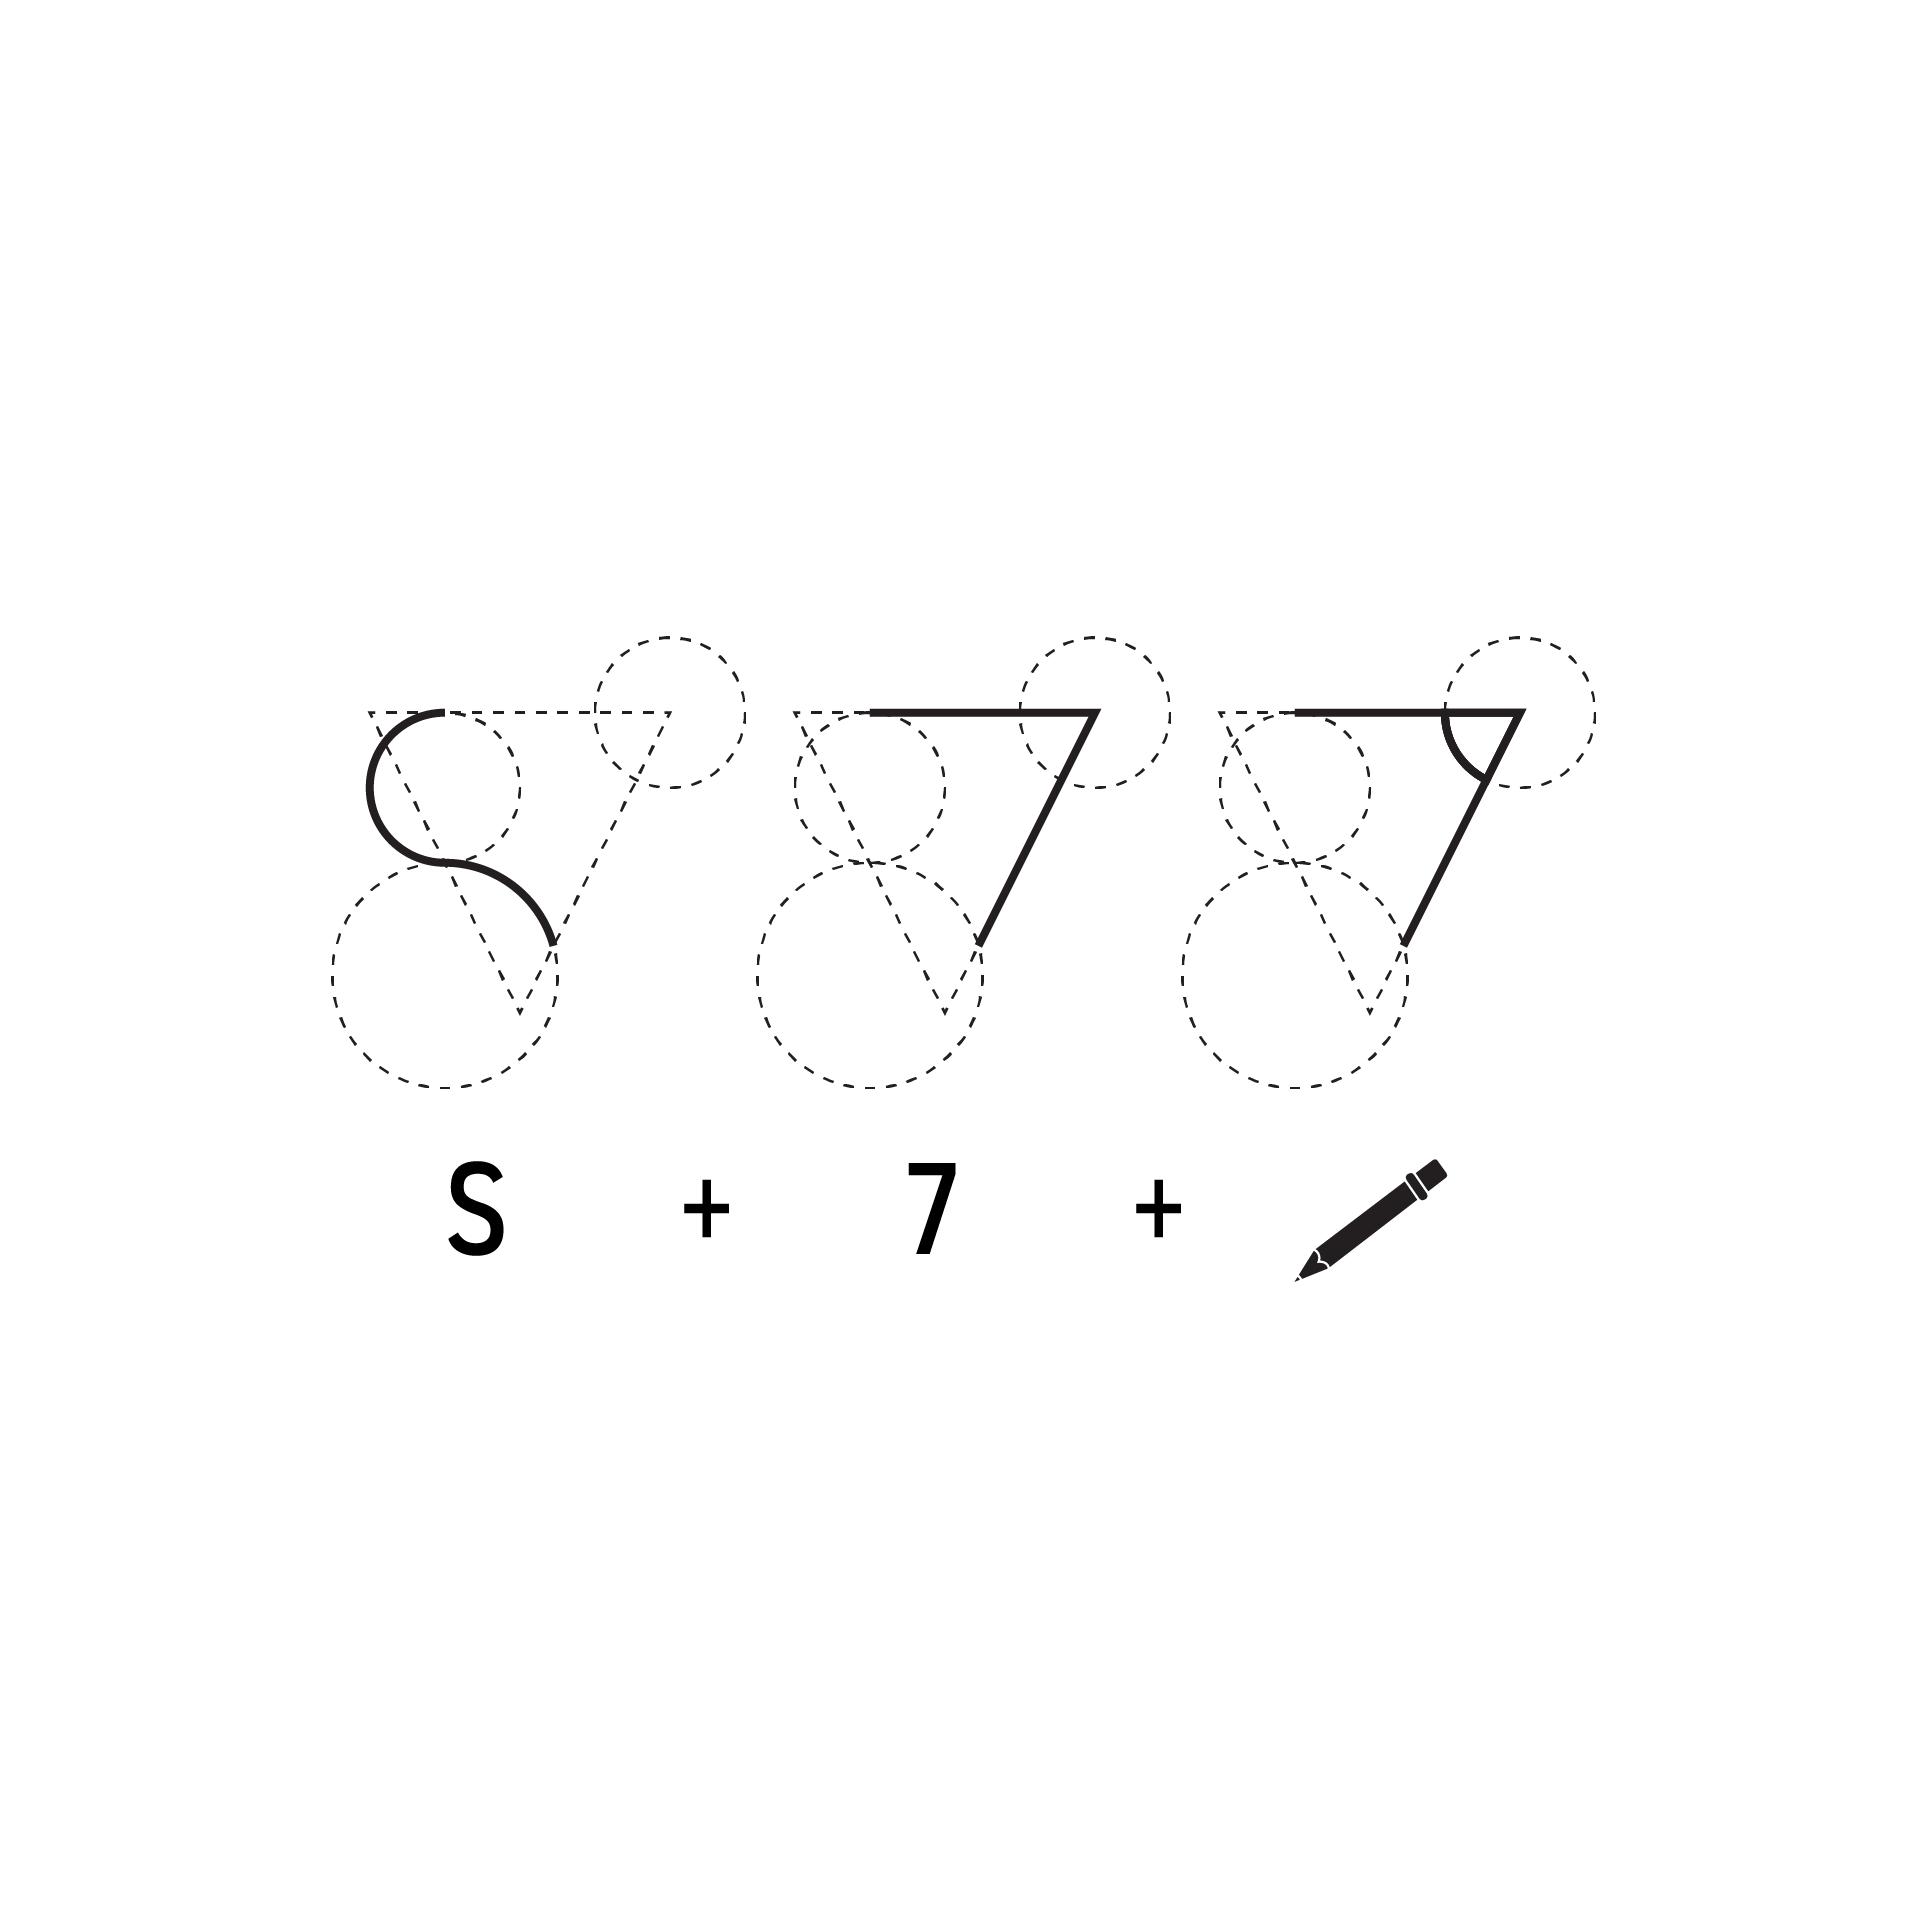 S7dreamstudio 02